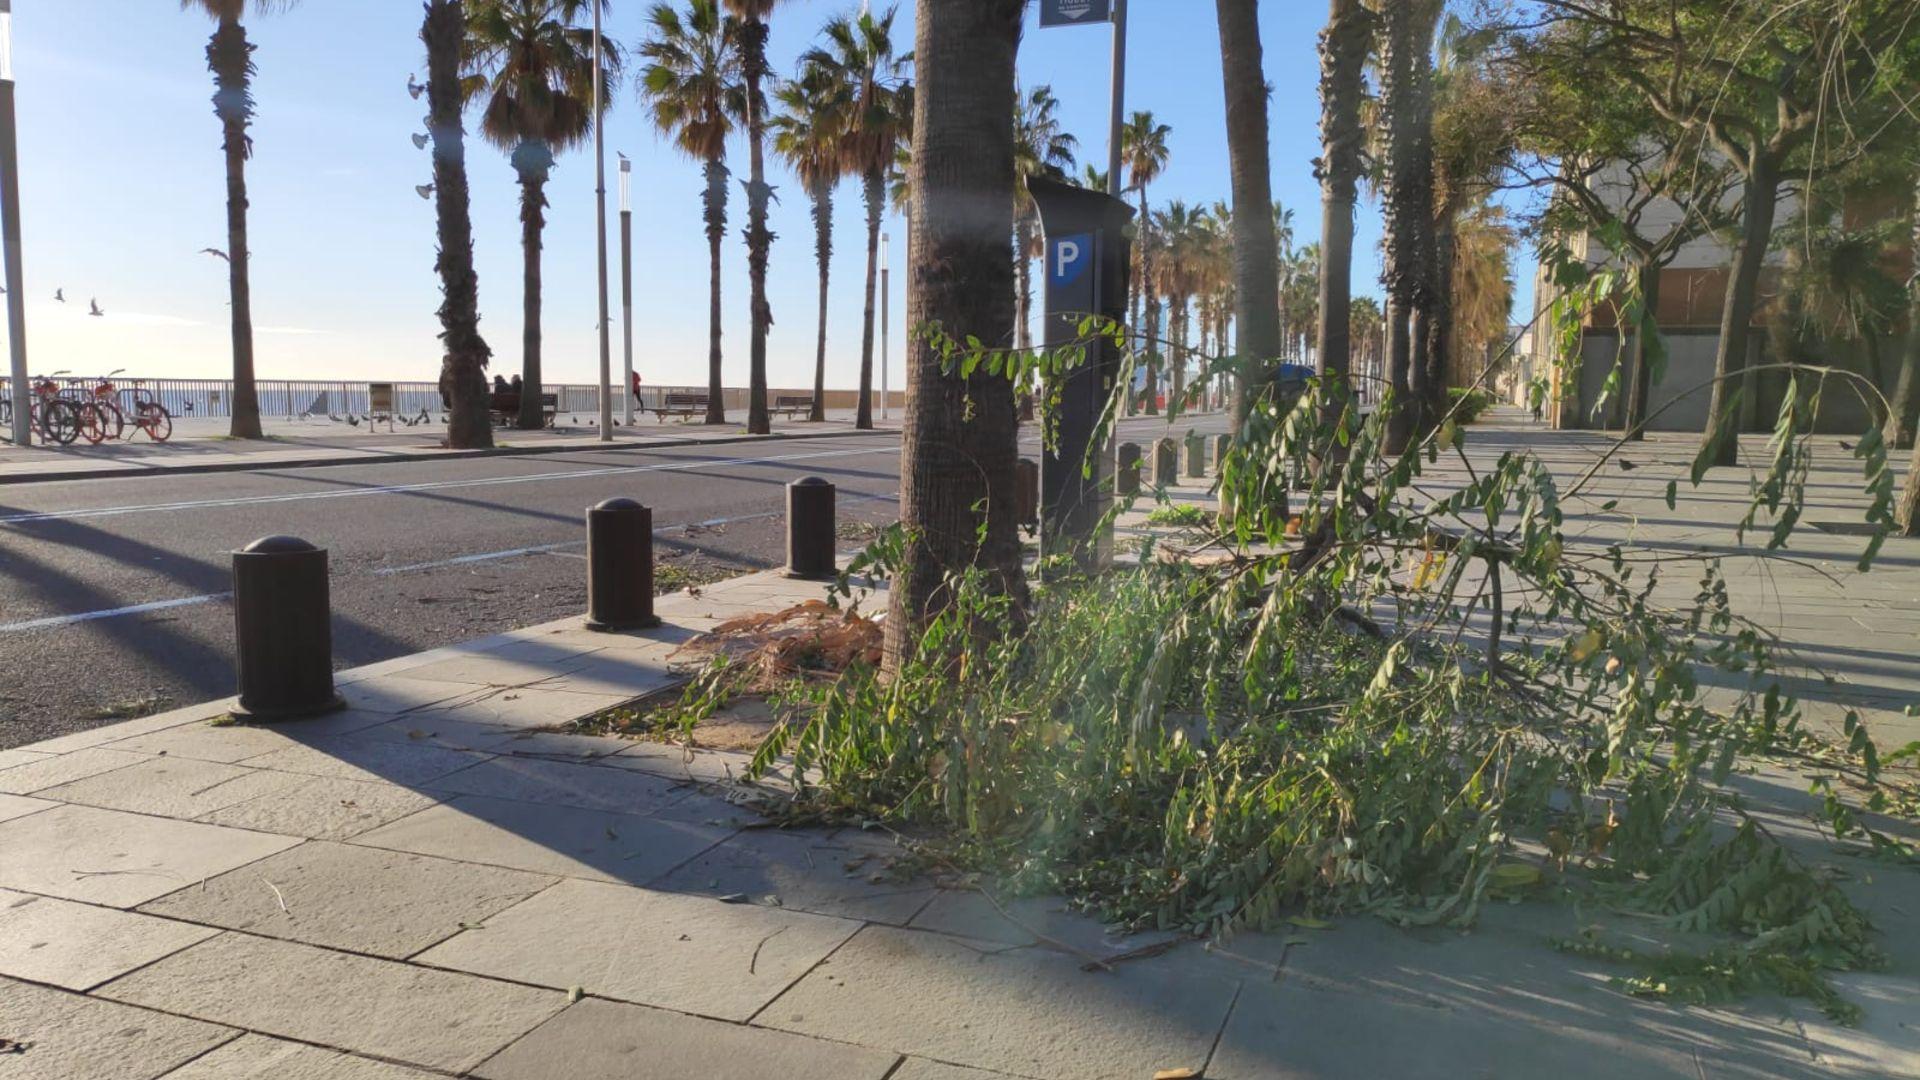 arbre caigut pel vent